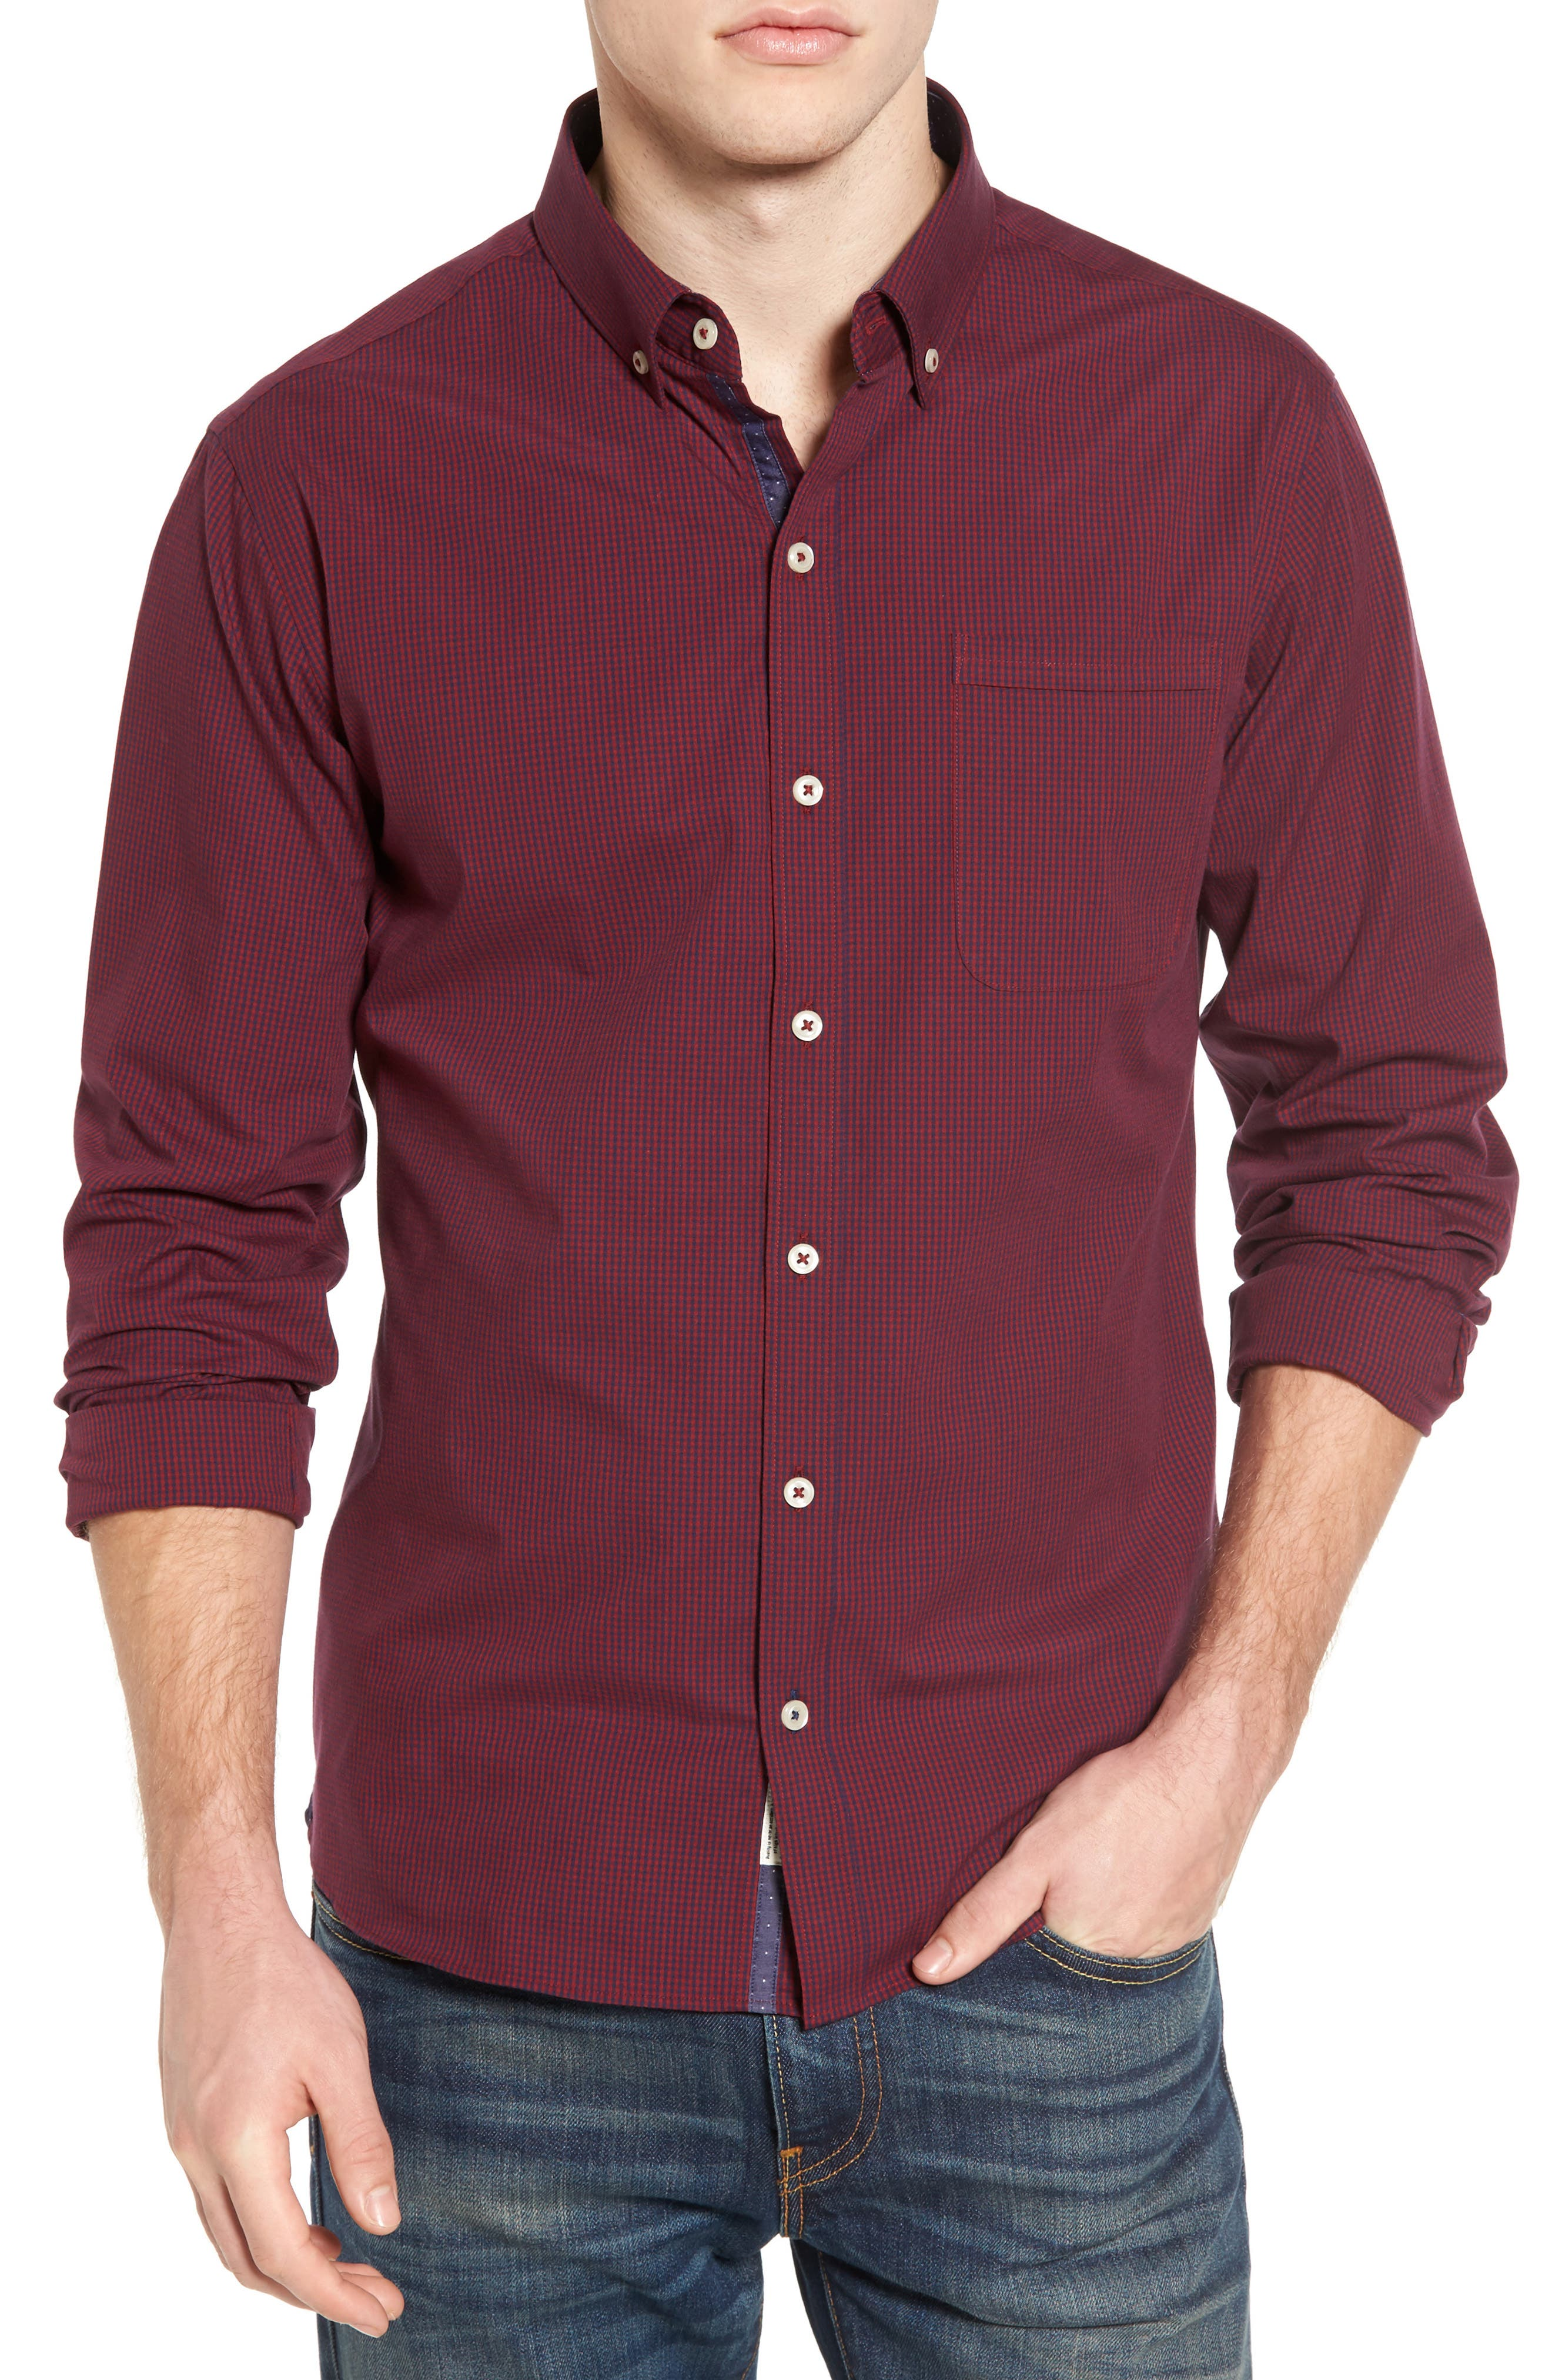 Oracle Woven Shirt,                             Main thumbnail 1, color,                             600